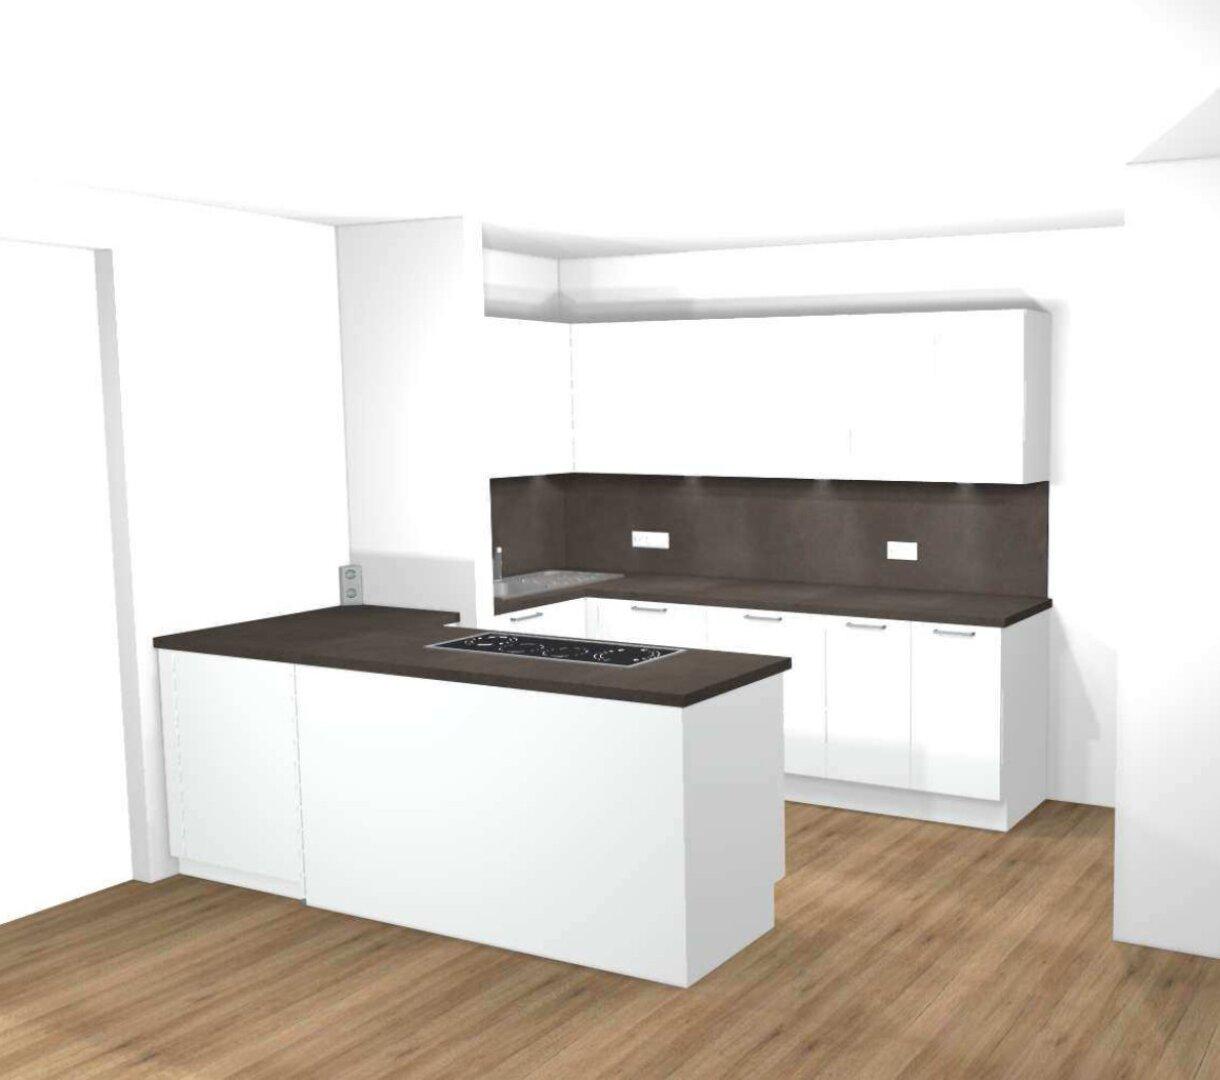 bestellte Küche (Visualisierung)